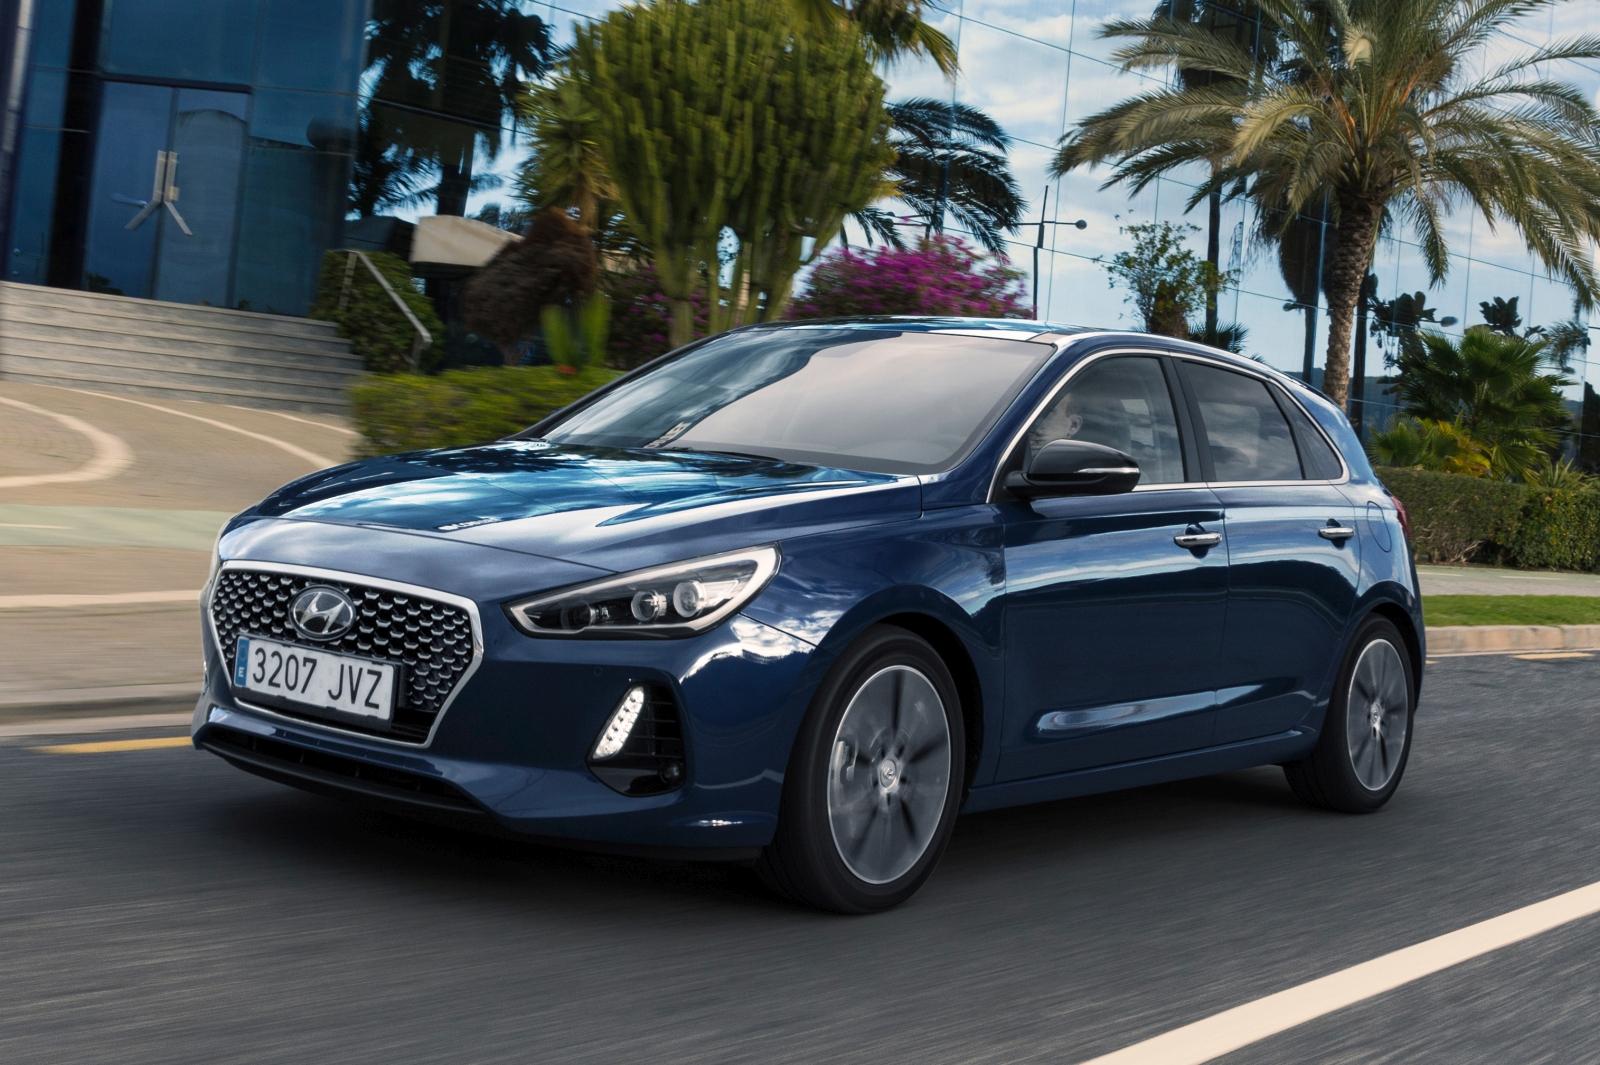 new-generation-i30-exterior-7-hires